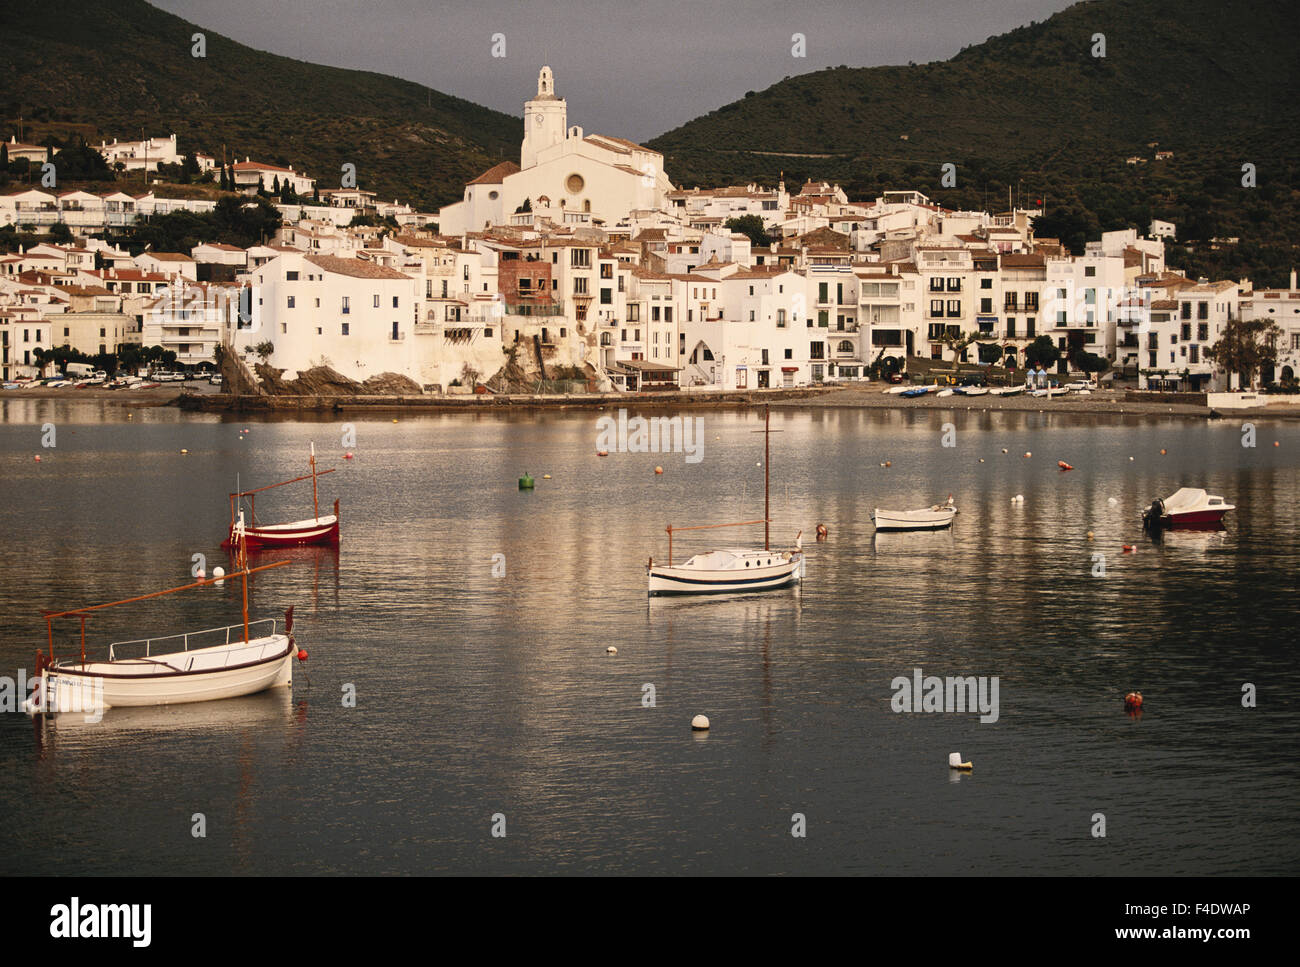 Spanien, Katalonien, Costa Brava. Boote. (Großformatige Größen erhältlich) Stockbild